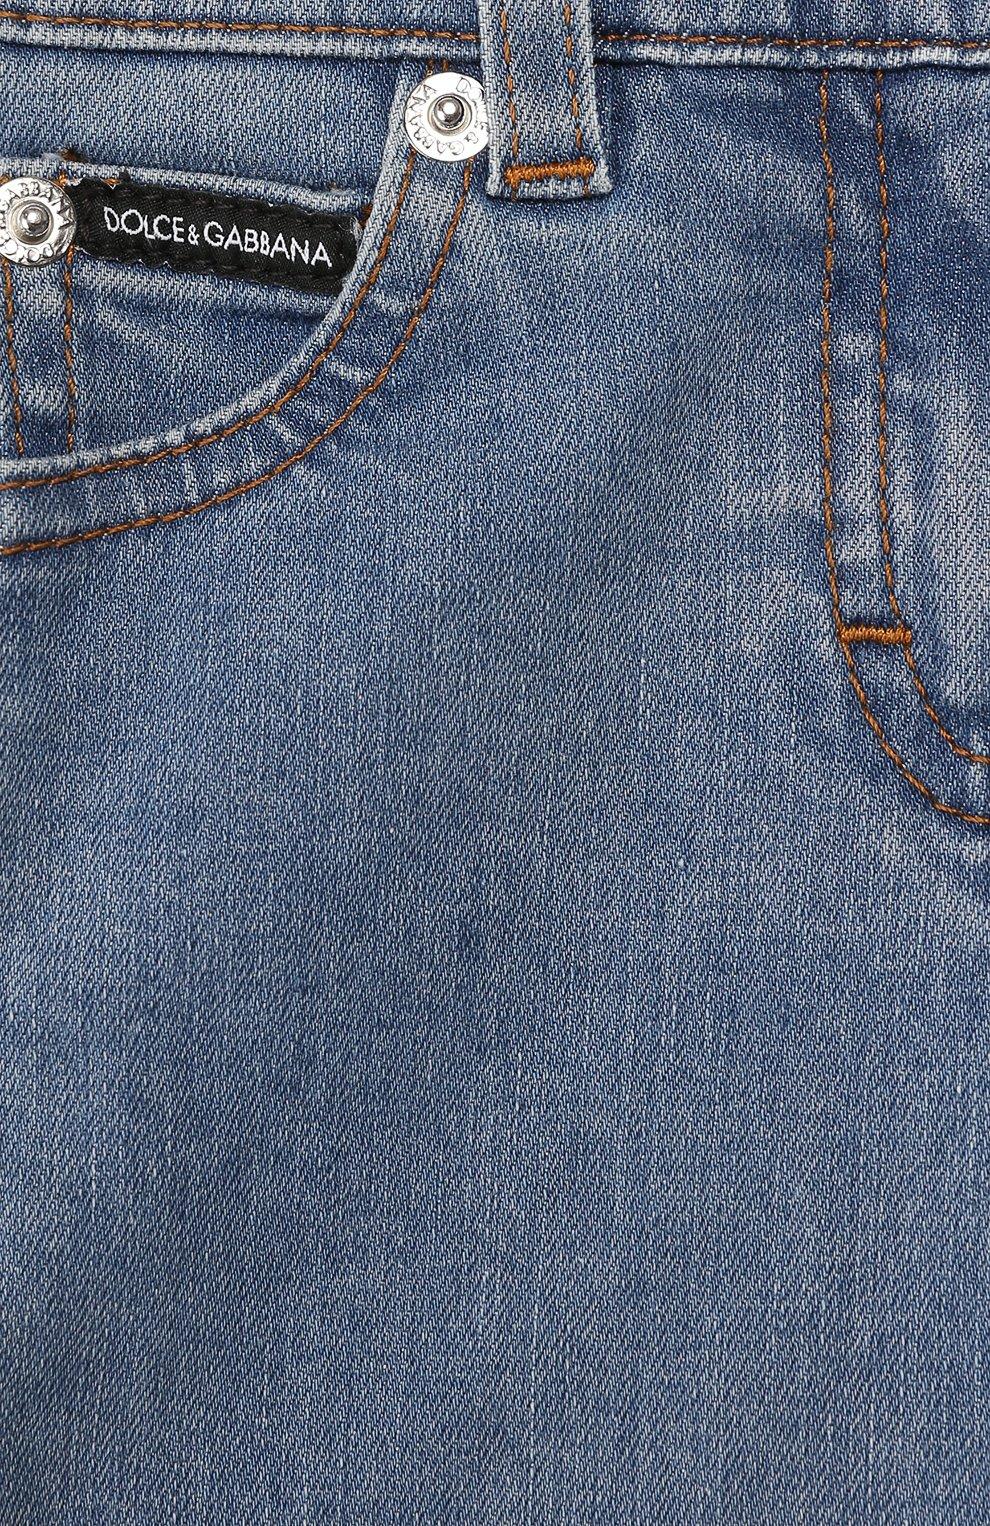 Детские джинсы DOLCE & GABBANA голубого цвета, арт. L21F60/LD885 | Фото 3